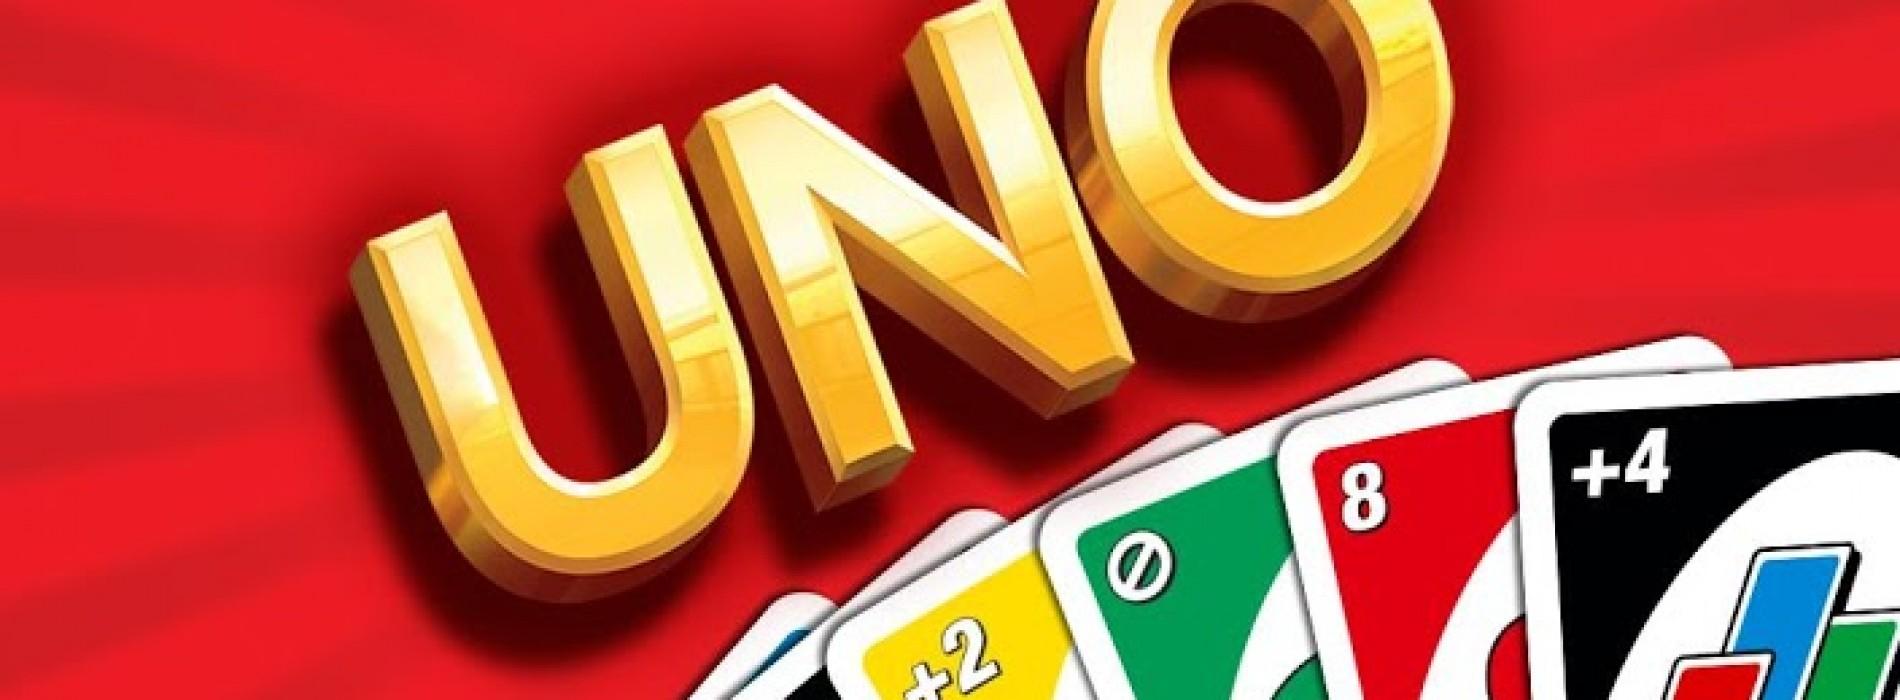 [ اندرويد ] لعبة UNO بآخر تحديث 3.6.3